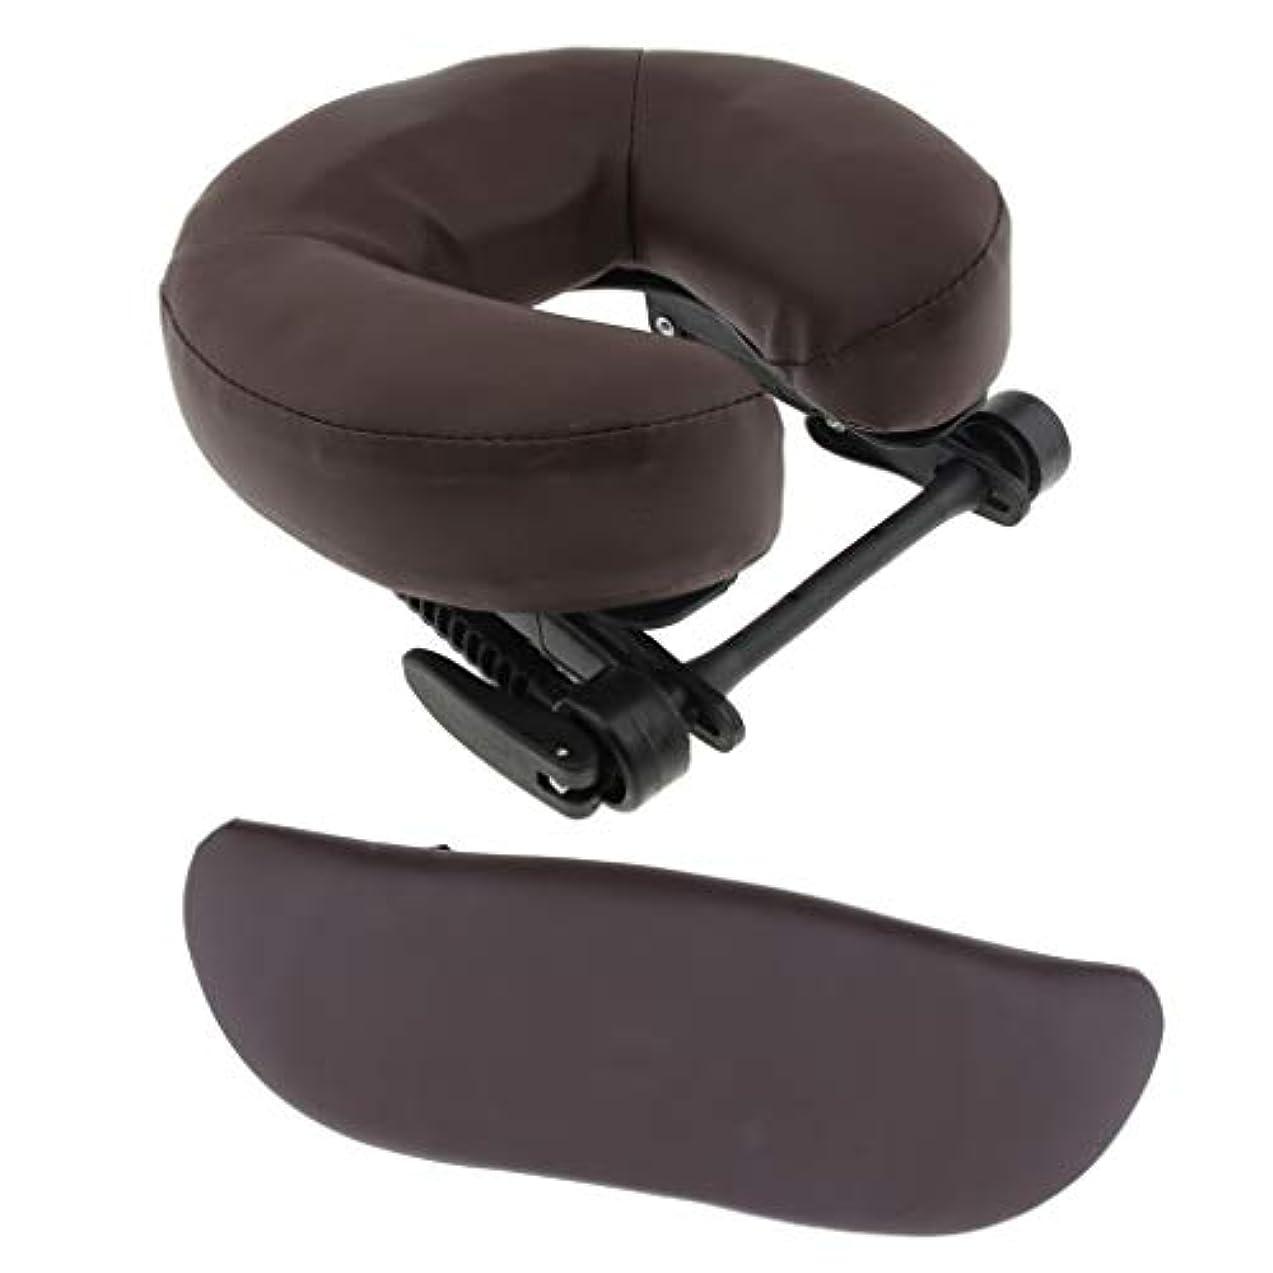 疑問を超えてグループ比較的Perfeclan マッサージテーブルベッド用 クッション アームサポート クッション サポートピロー 3色選べる - 褐色